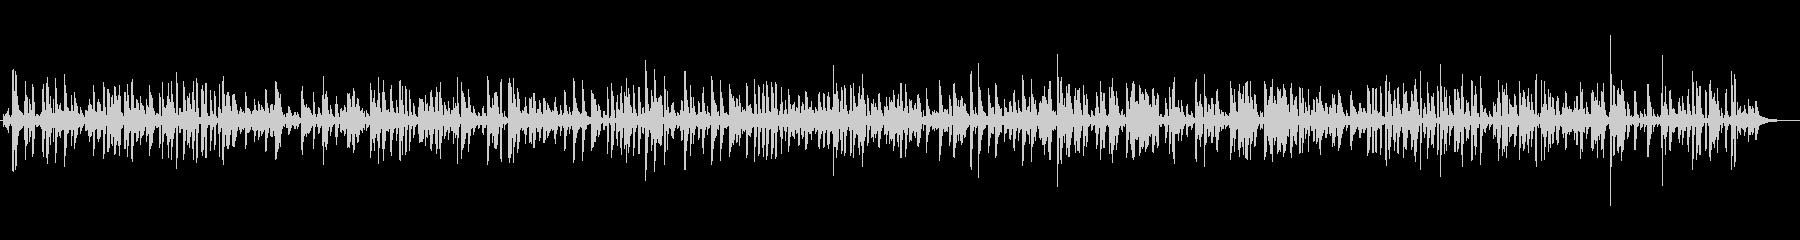 BGM|お洒落なジャズピアノ|店舗・映像の未再生の波形